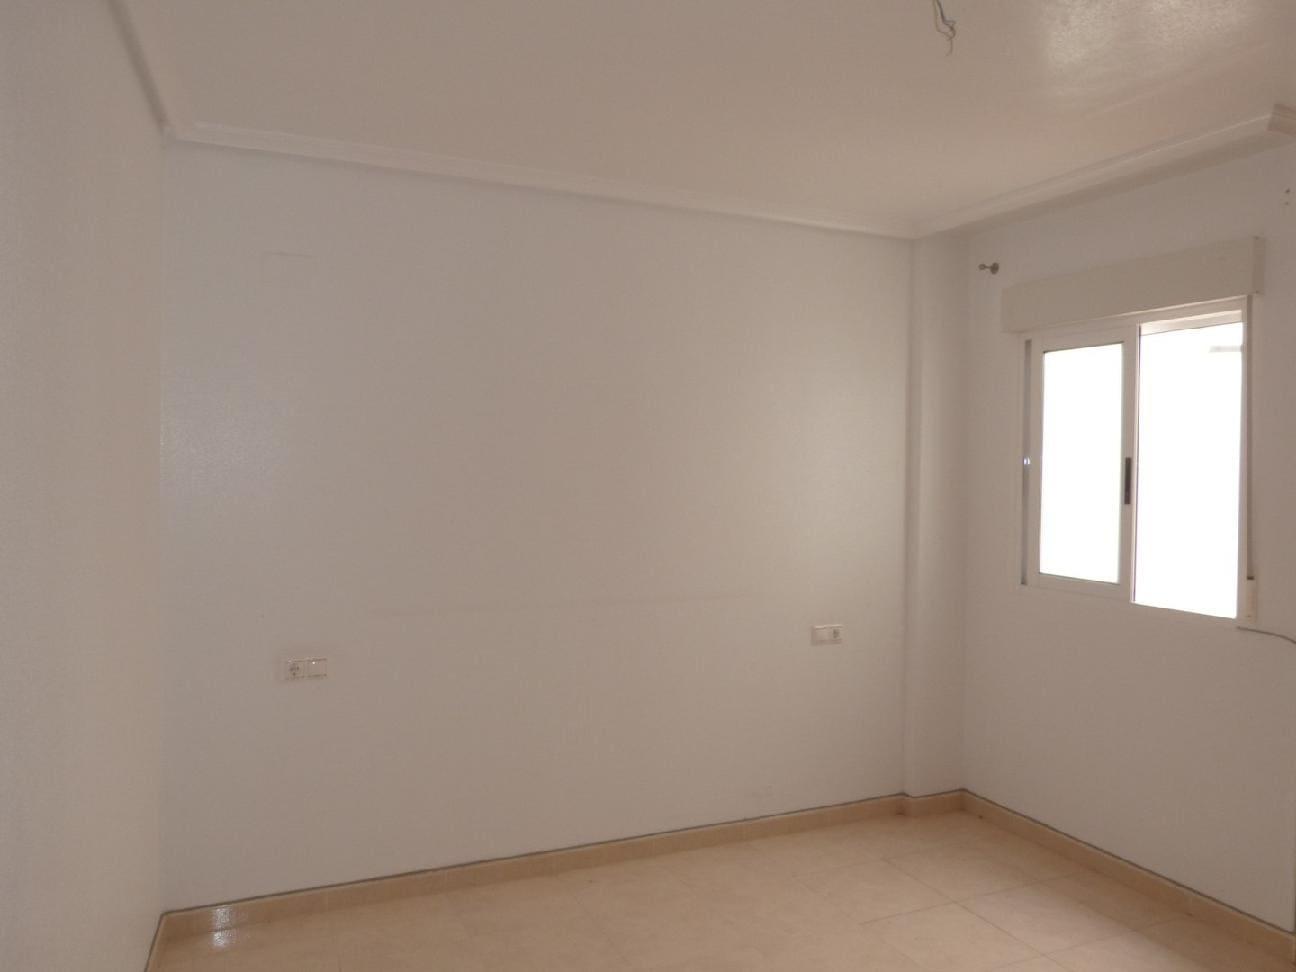 Piso en venta en L´asil, Dolores, Alicante, Calle Colon, 34.000 €, 2 habitaciones, 1 baño, 74 m2